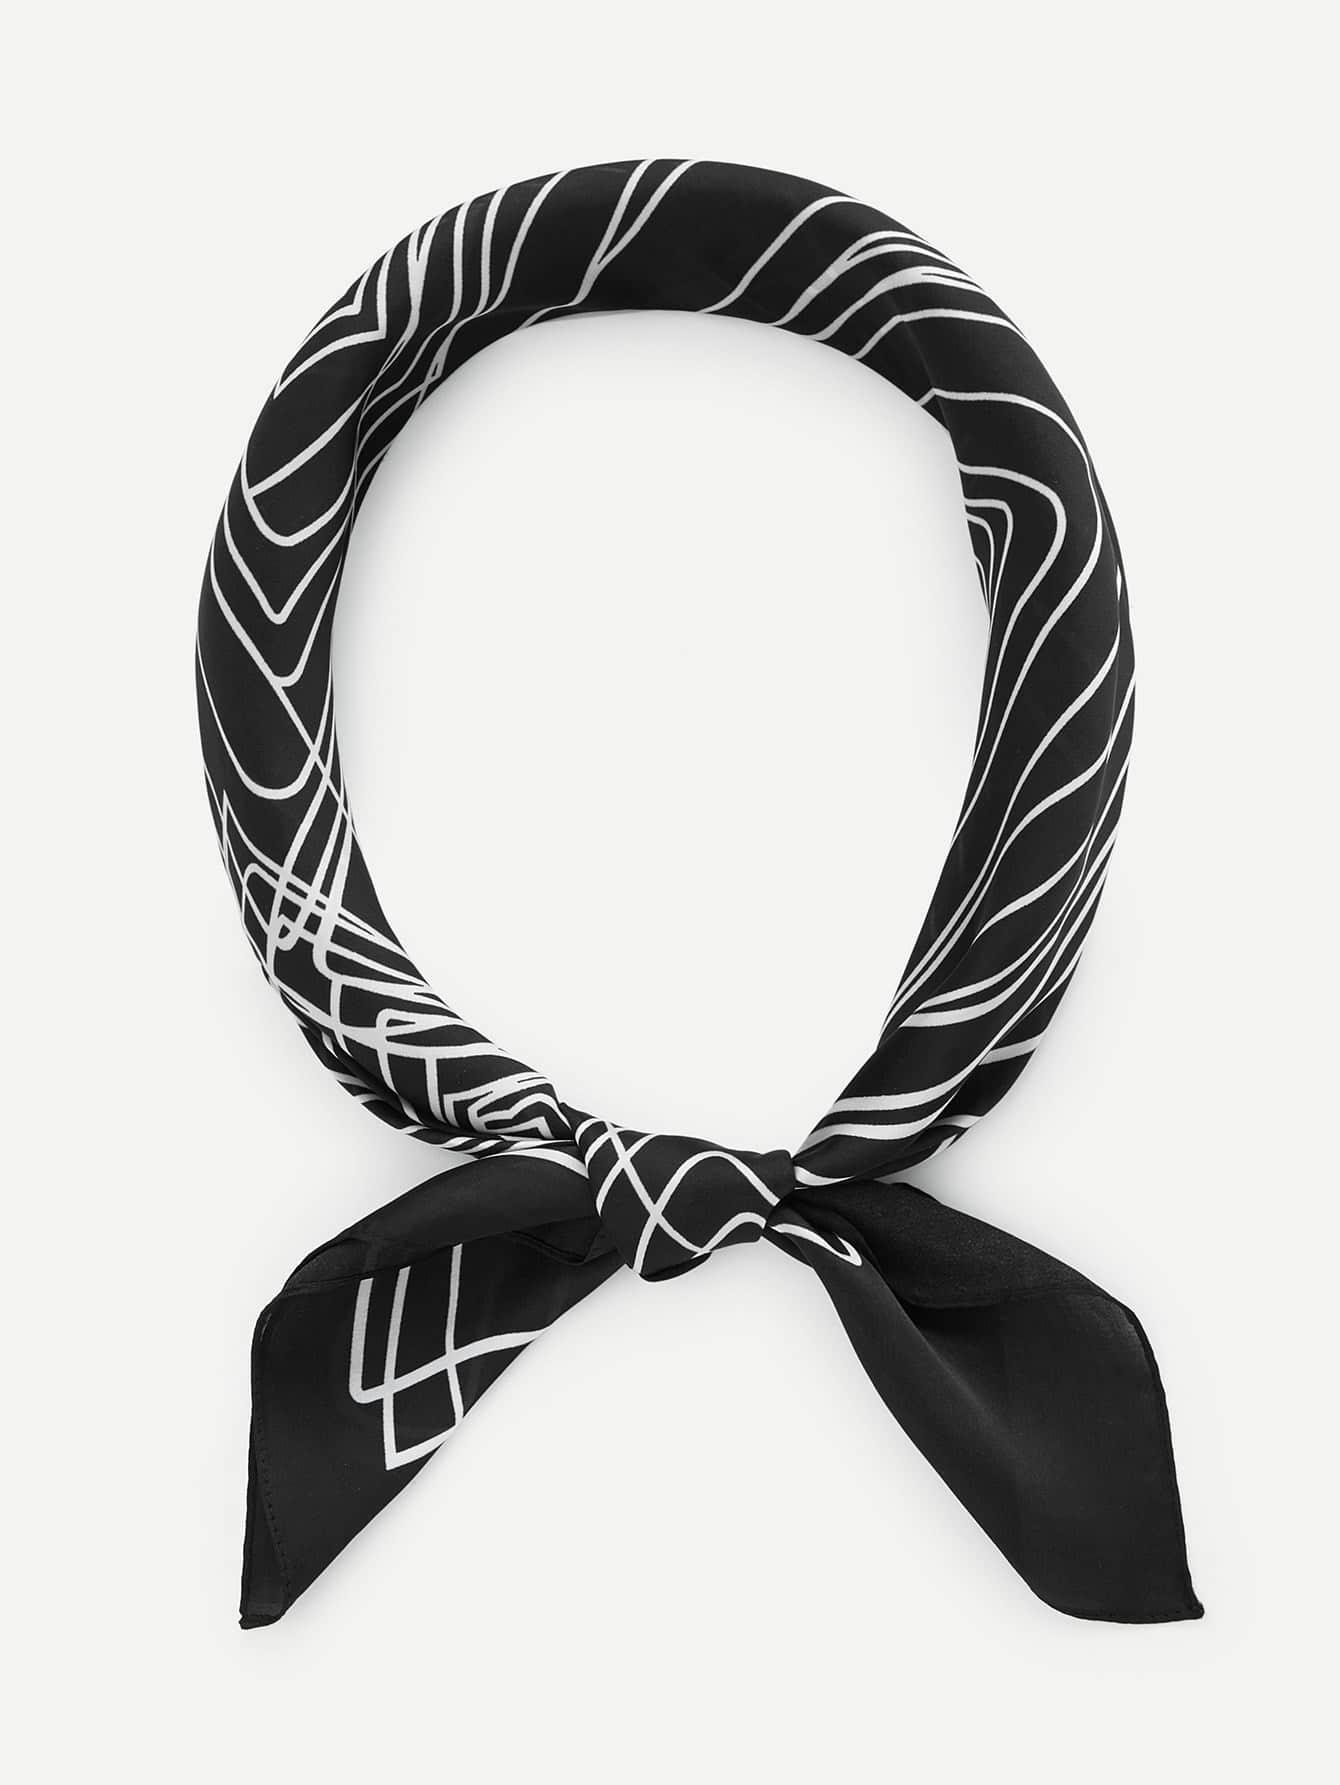 Abstract Line Print Bandana calico print satin bandana